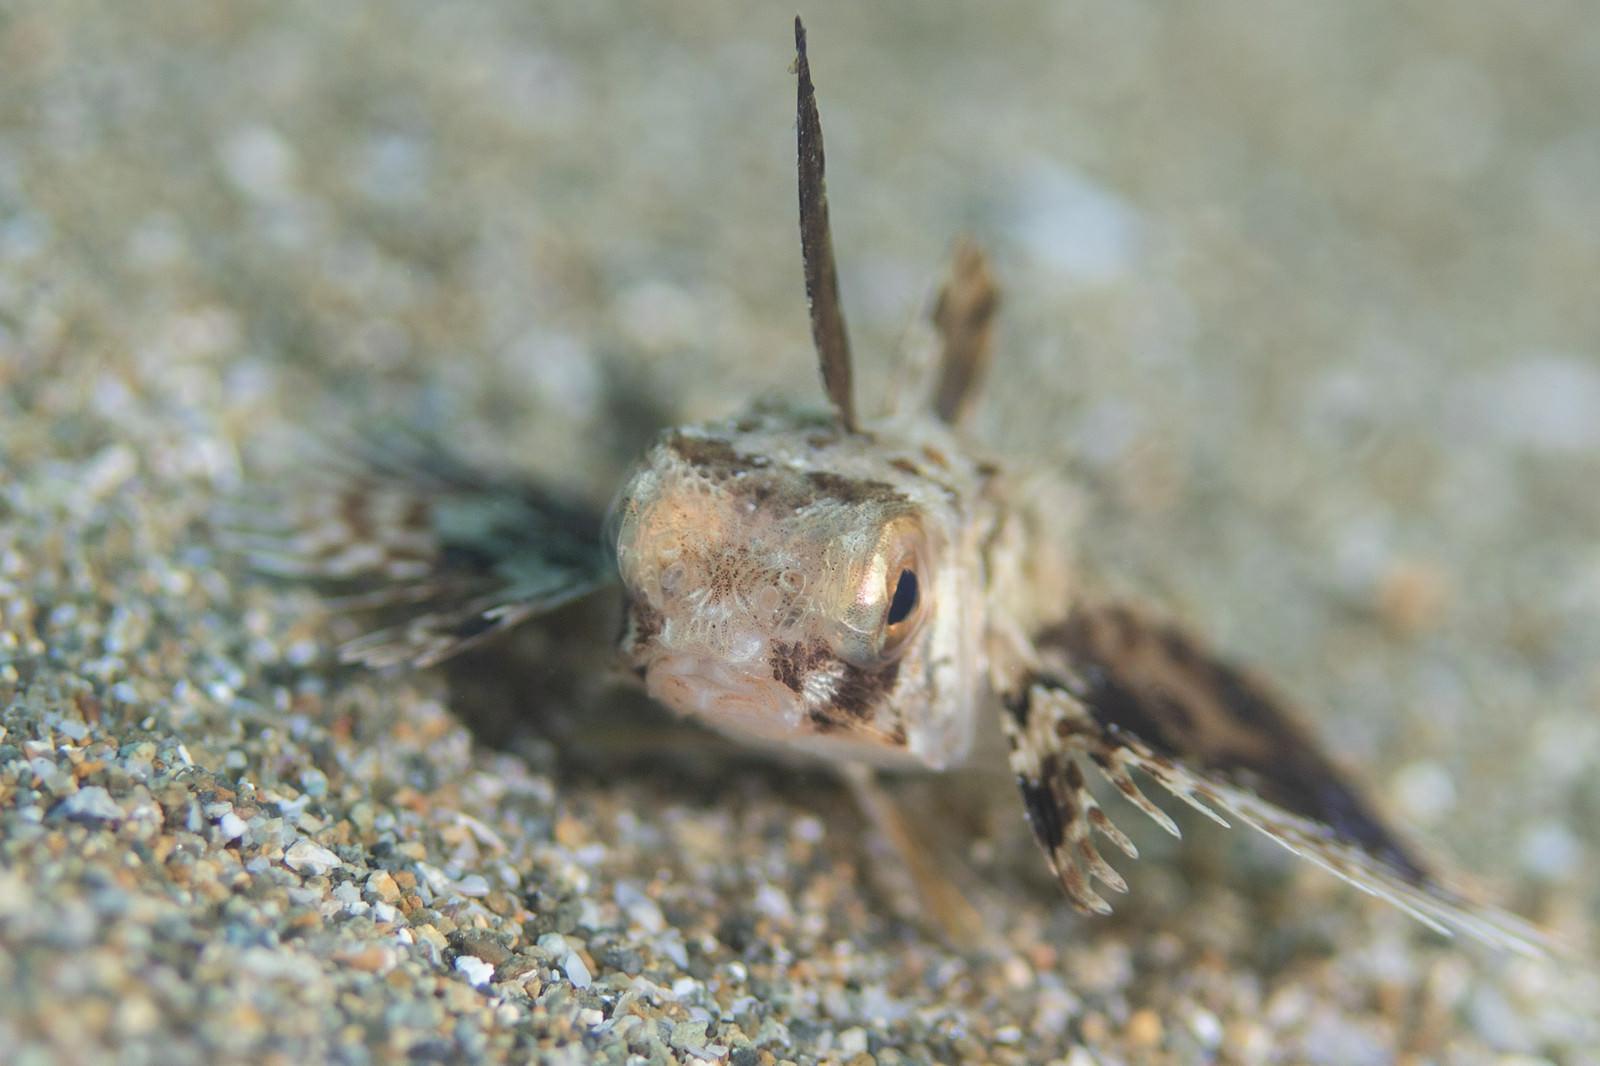 「近づき過ぎたセミホウボウの稚魚(カサゴ目)」の写真